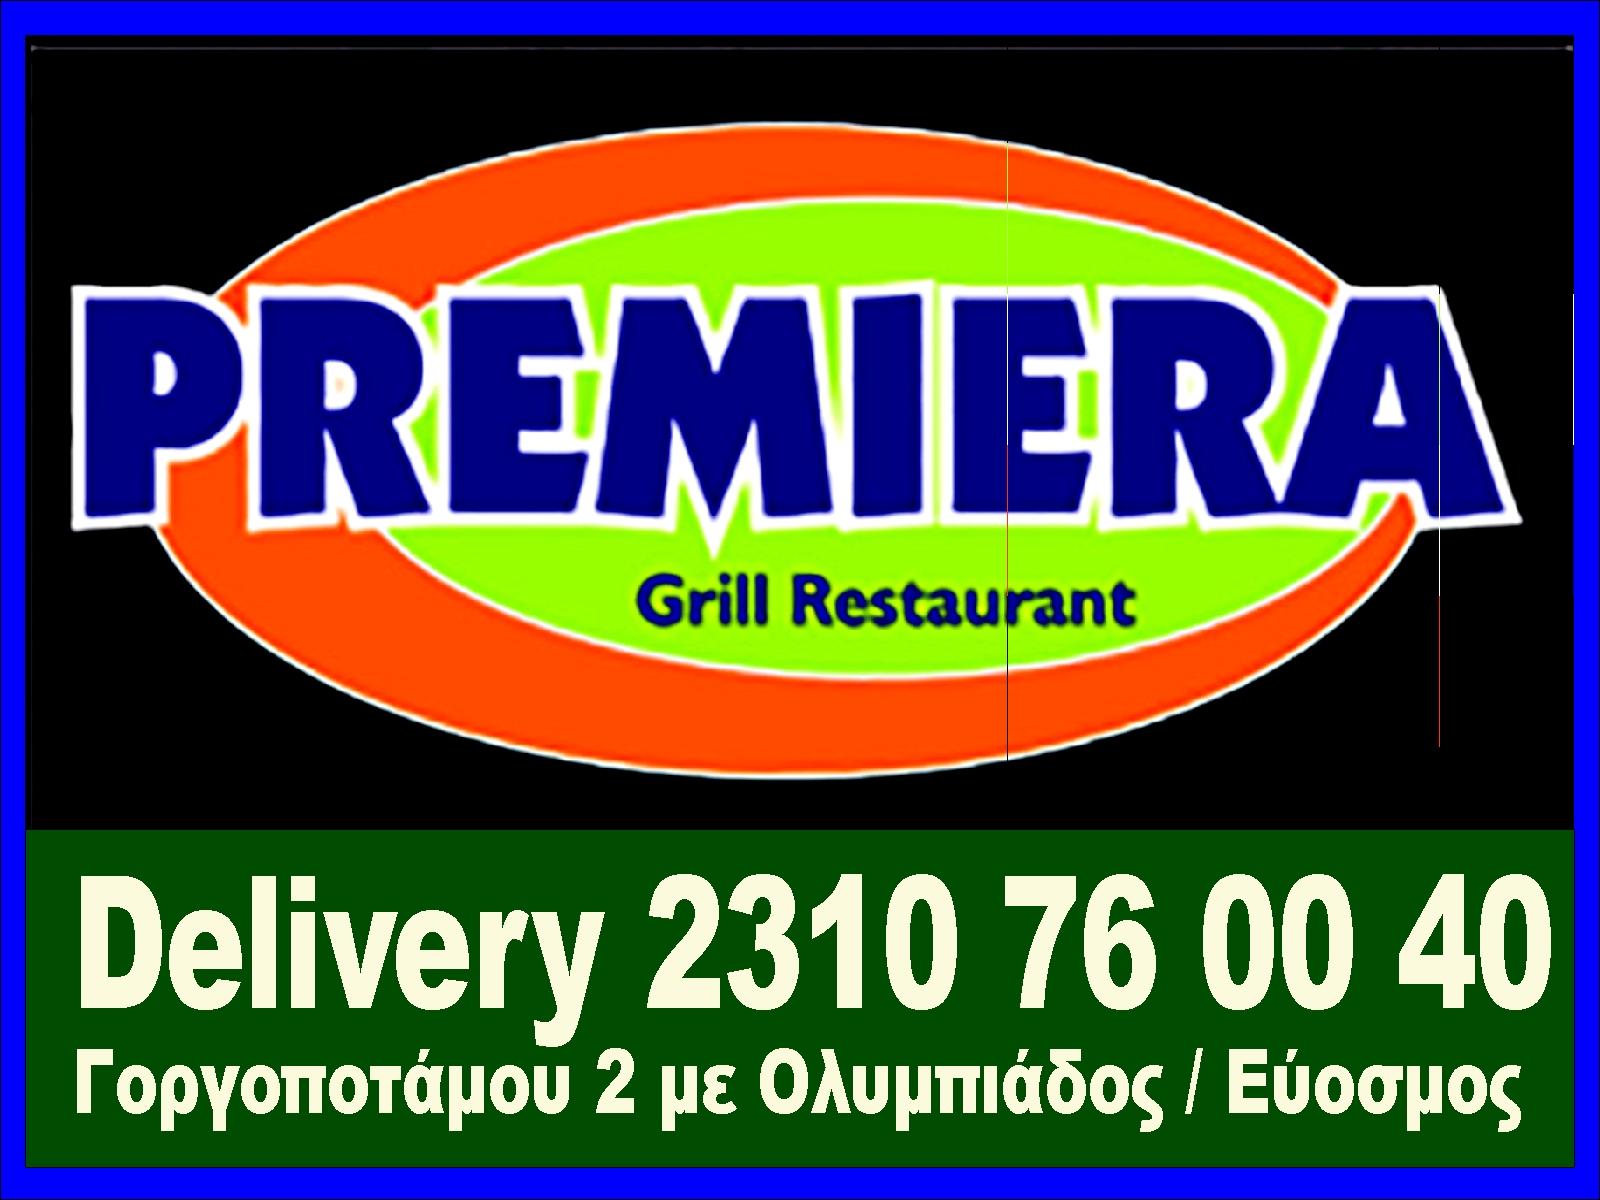 FAST FOOD PREMIERA